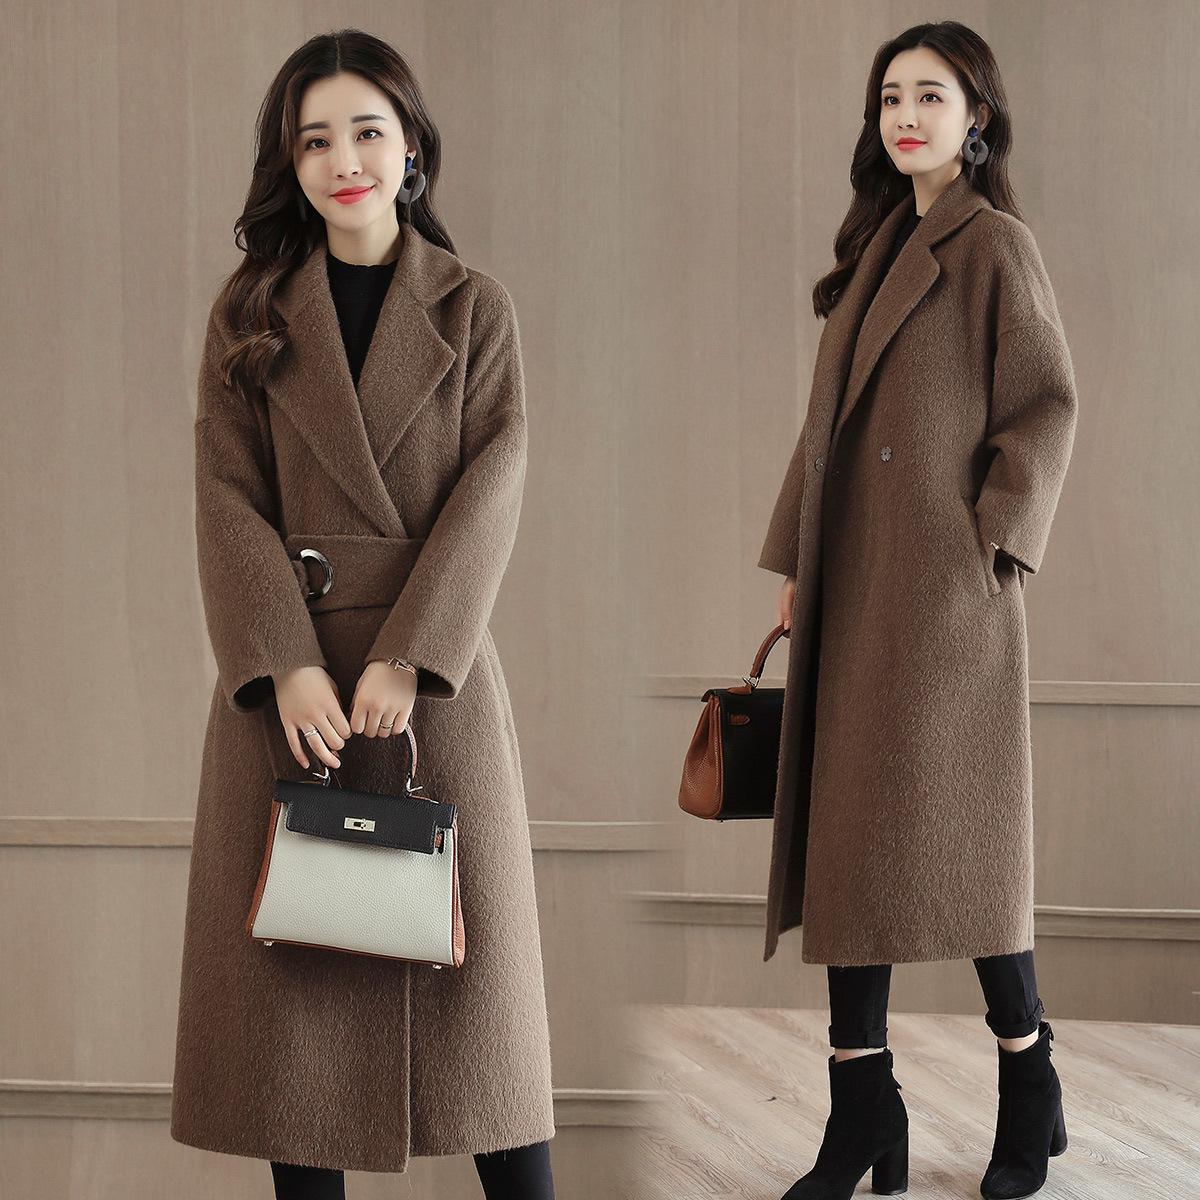 2018冬季毛呢大衣女装宽松显瘦加厚韩版阿尔巴卡羊毛呢外套中长款